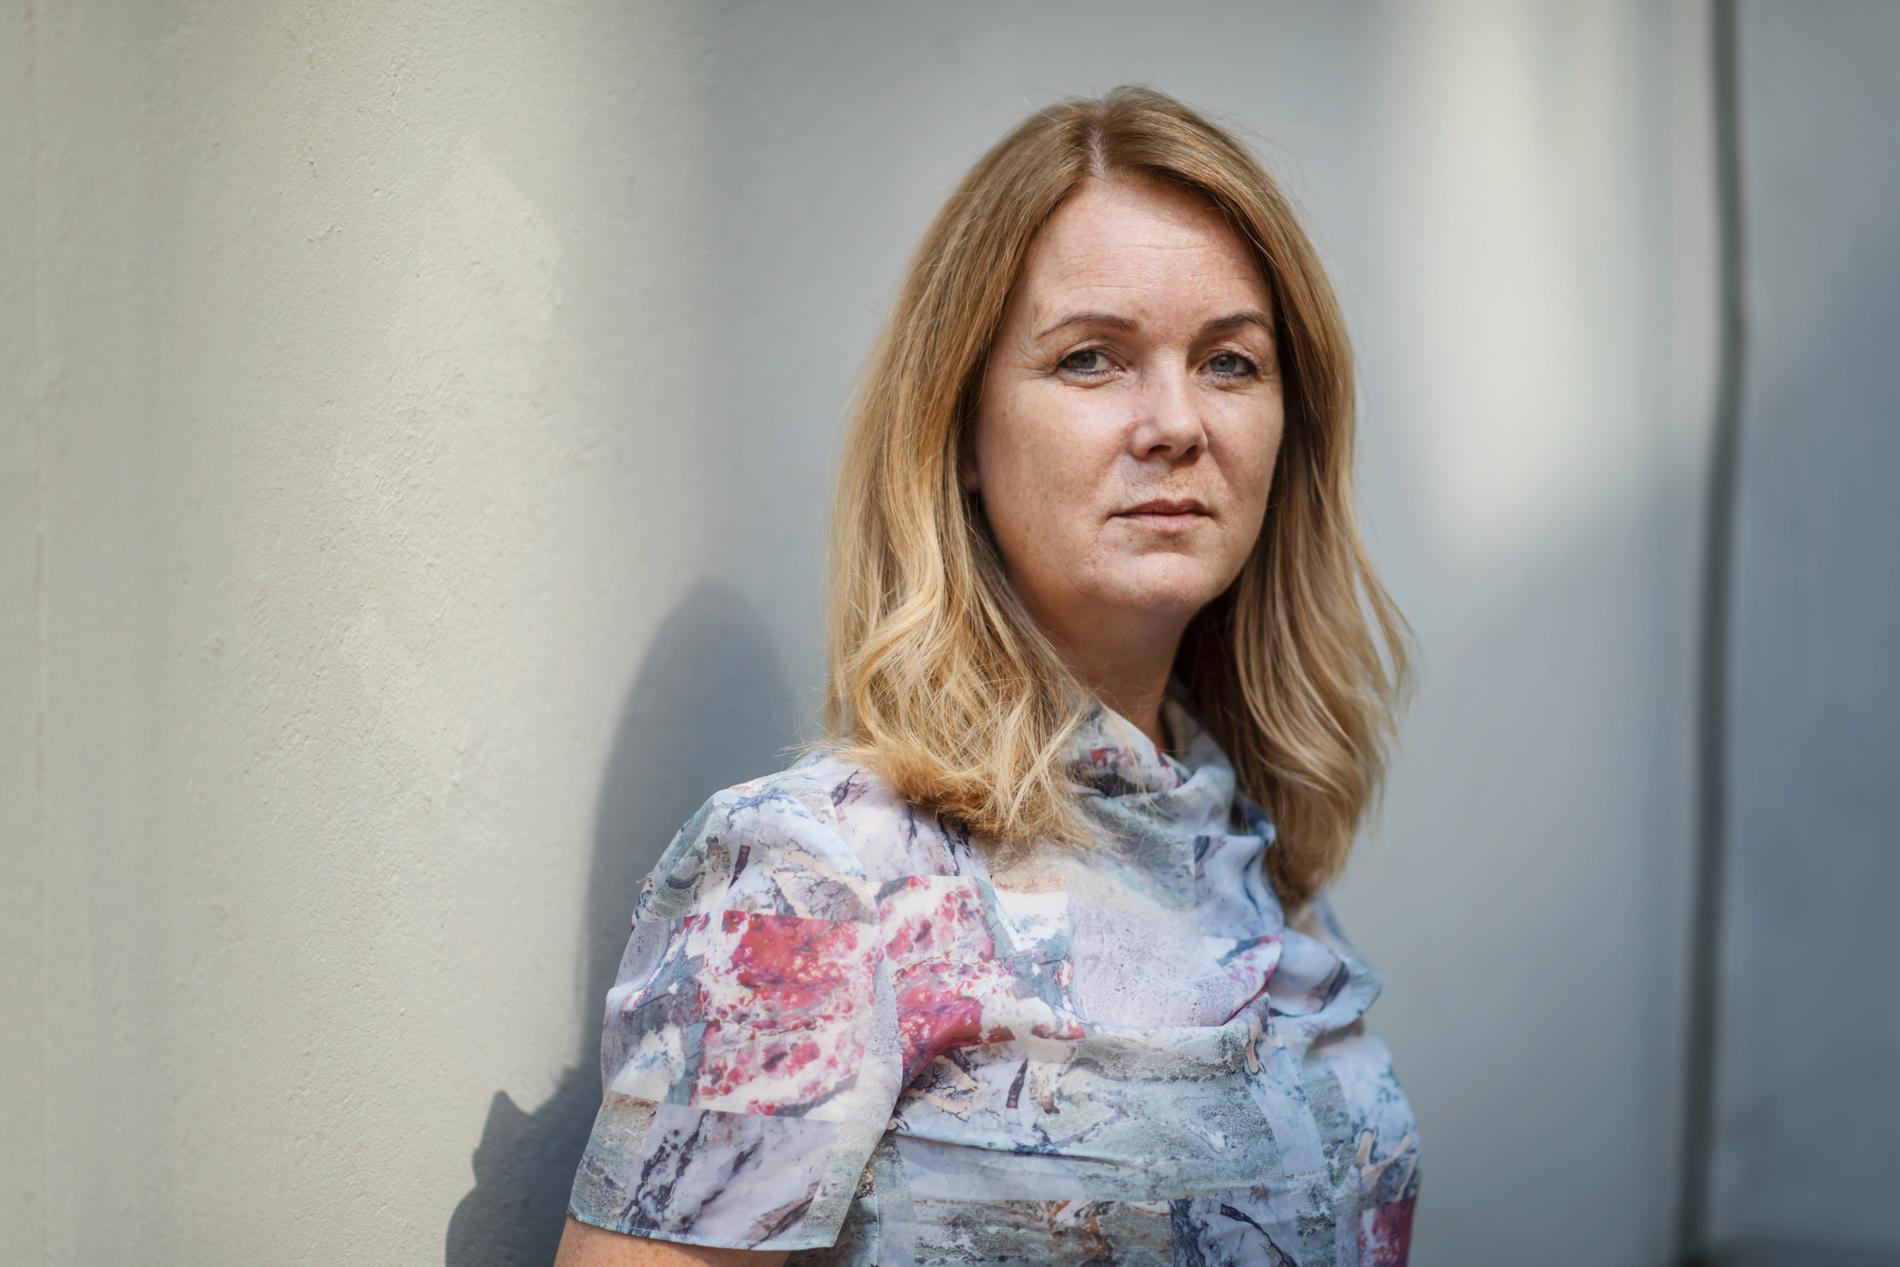 Landsbygdsminister Jennie Nilsson (S) vill begränsa EU-kommissionens förslag om fiskestängning för att skydda torskbestånden. Arkivbild.